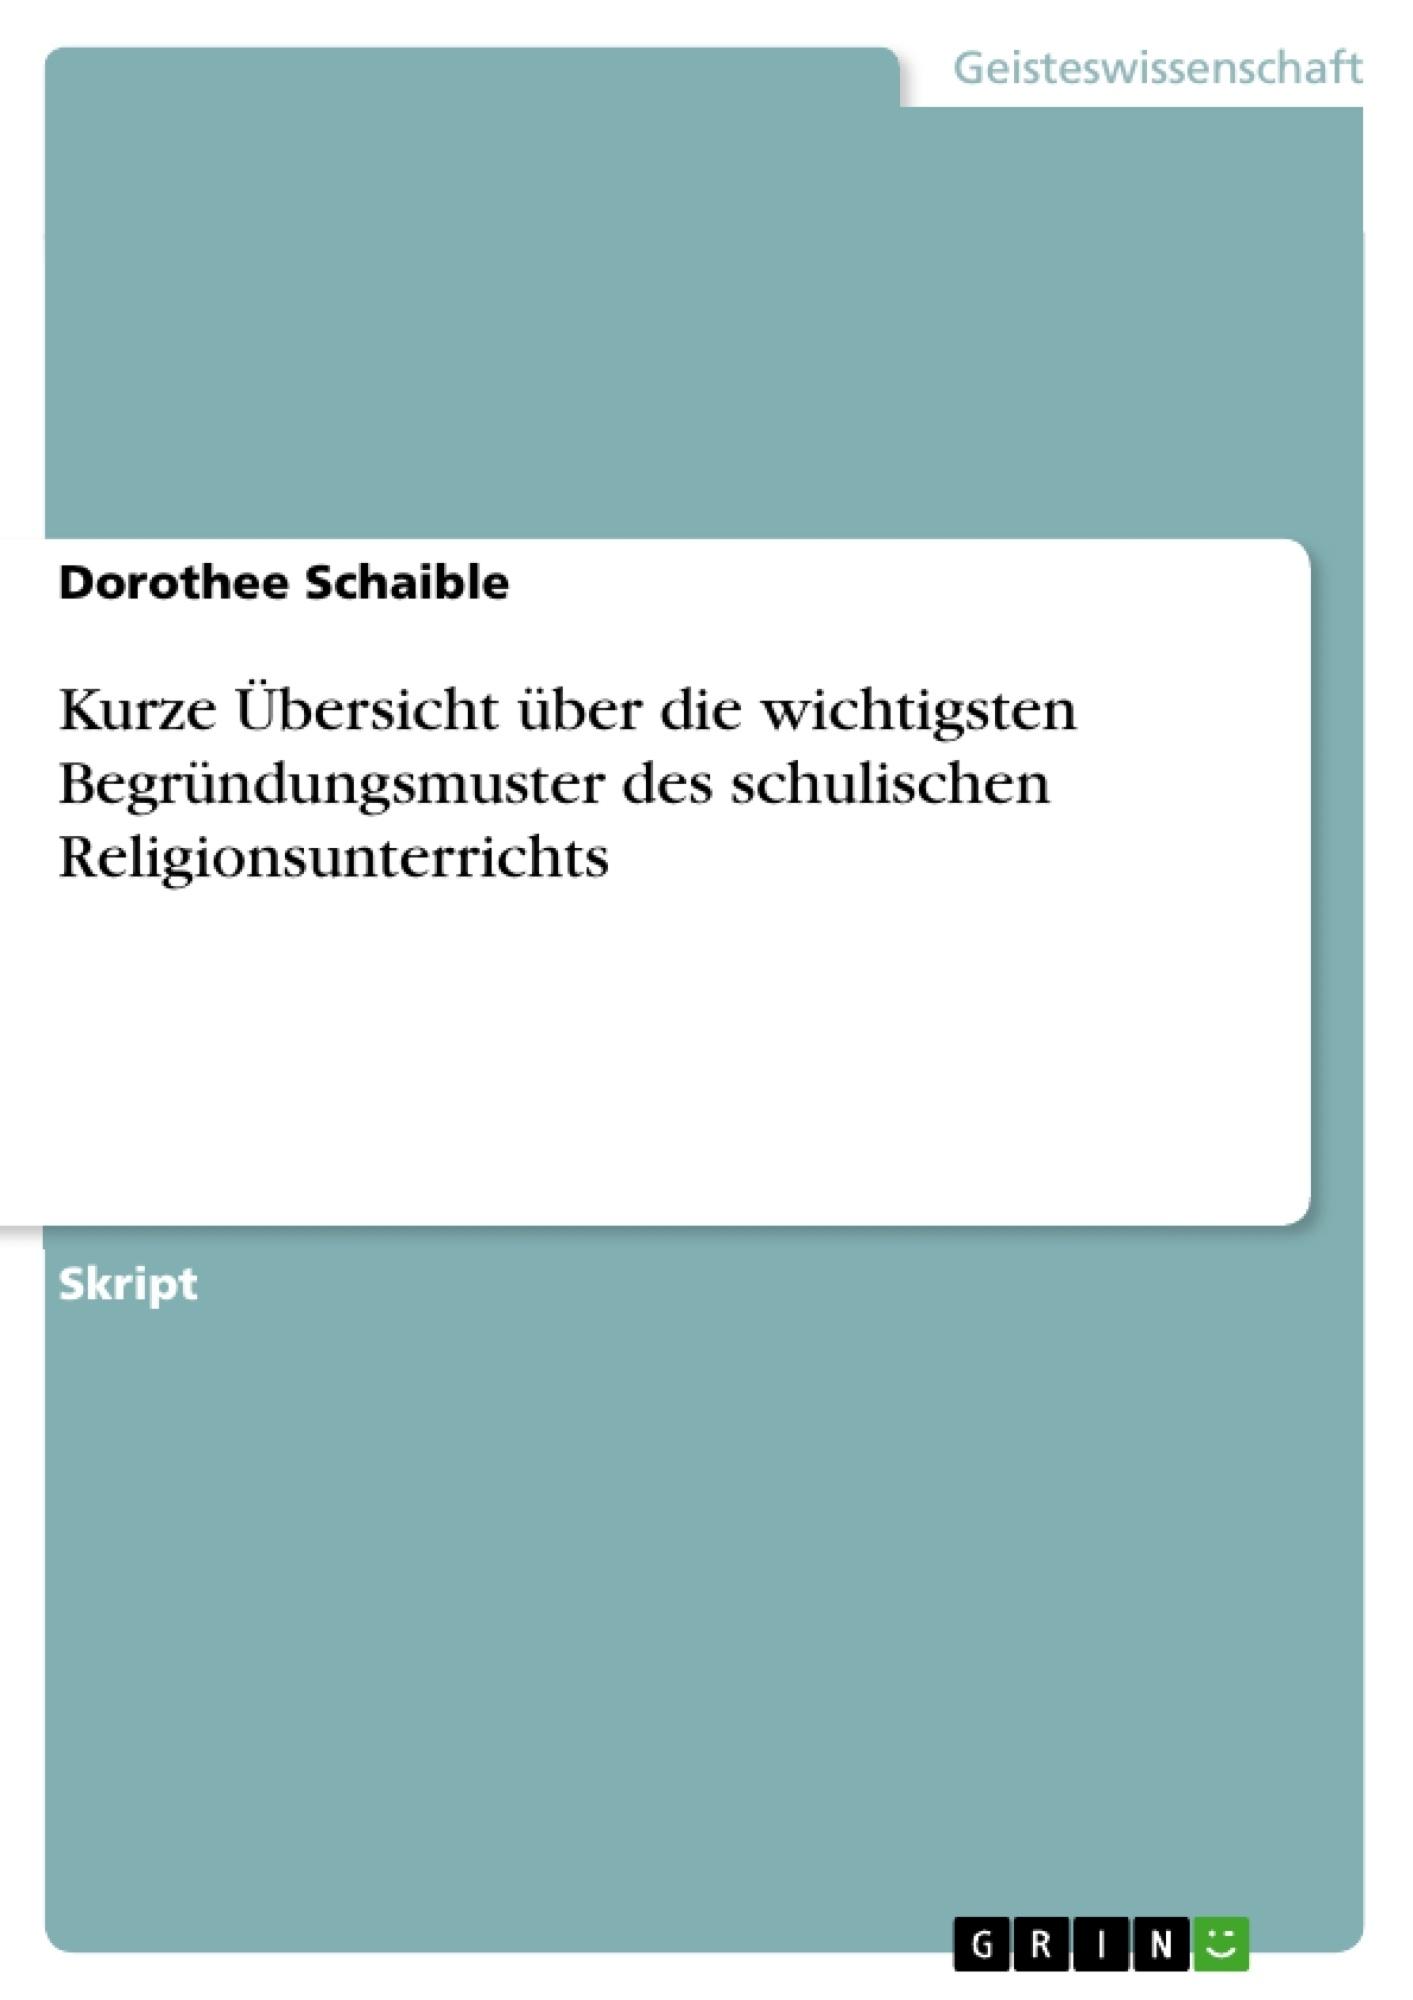 Titel: Kurze Übersicht über die wichtigsten Begründungsmuster des schulischen Religionsunterrichts